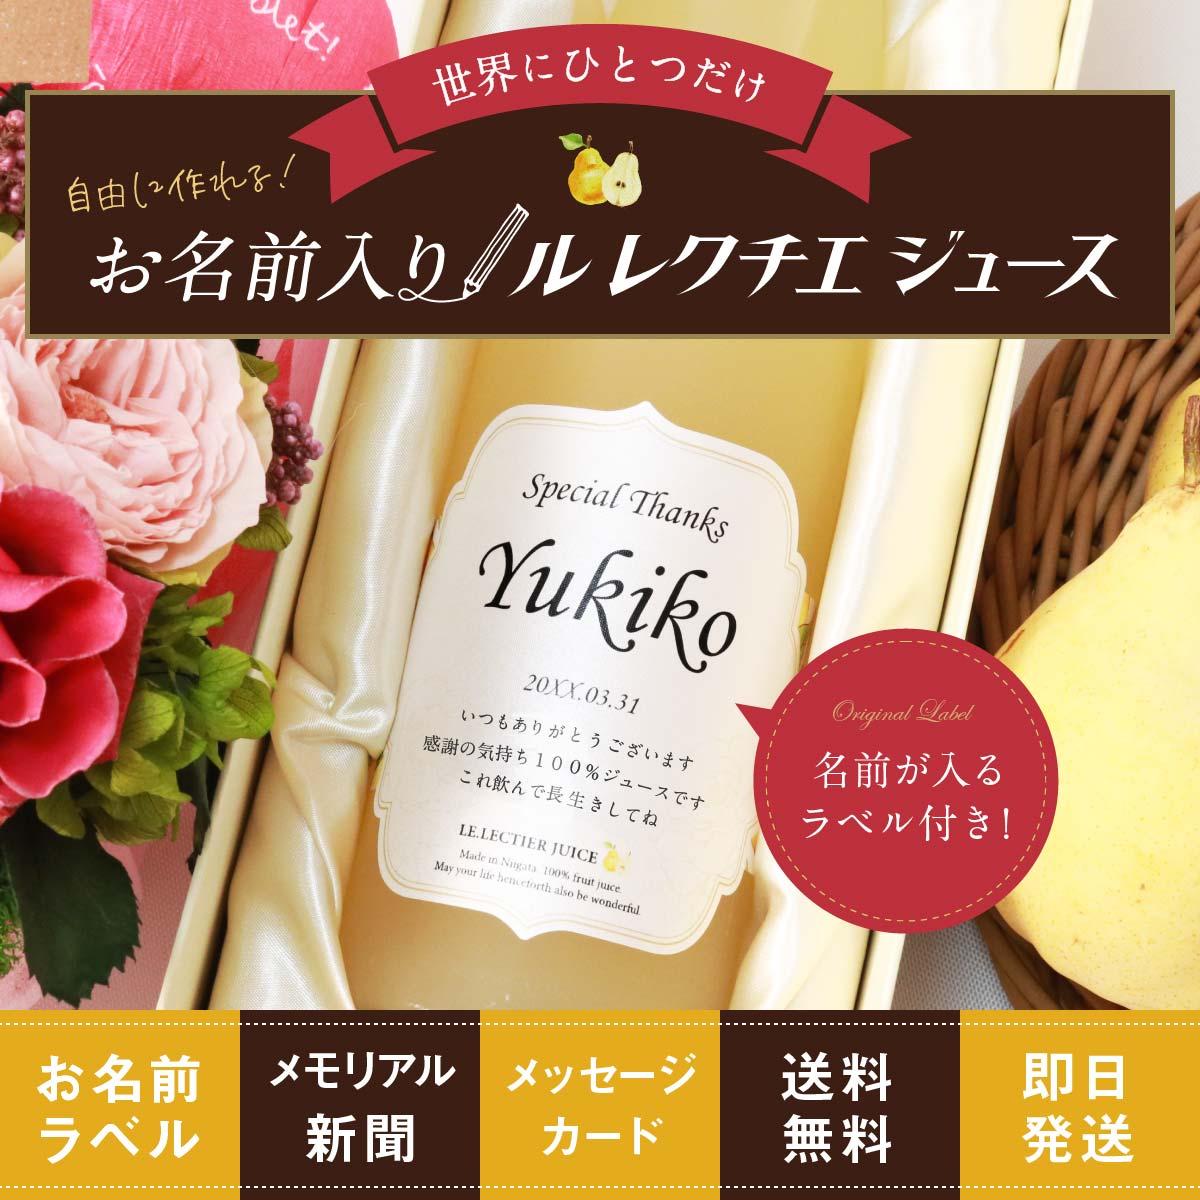 喜寿の贈答品、名入れができる洋梨ジュース